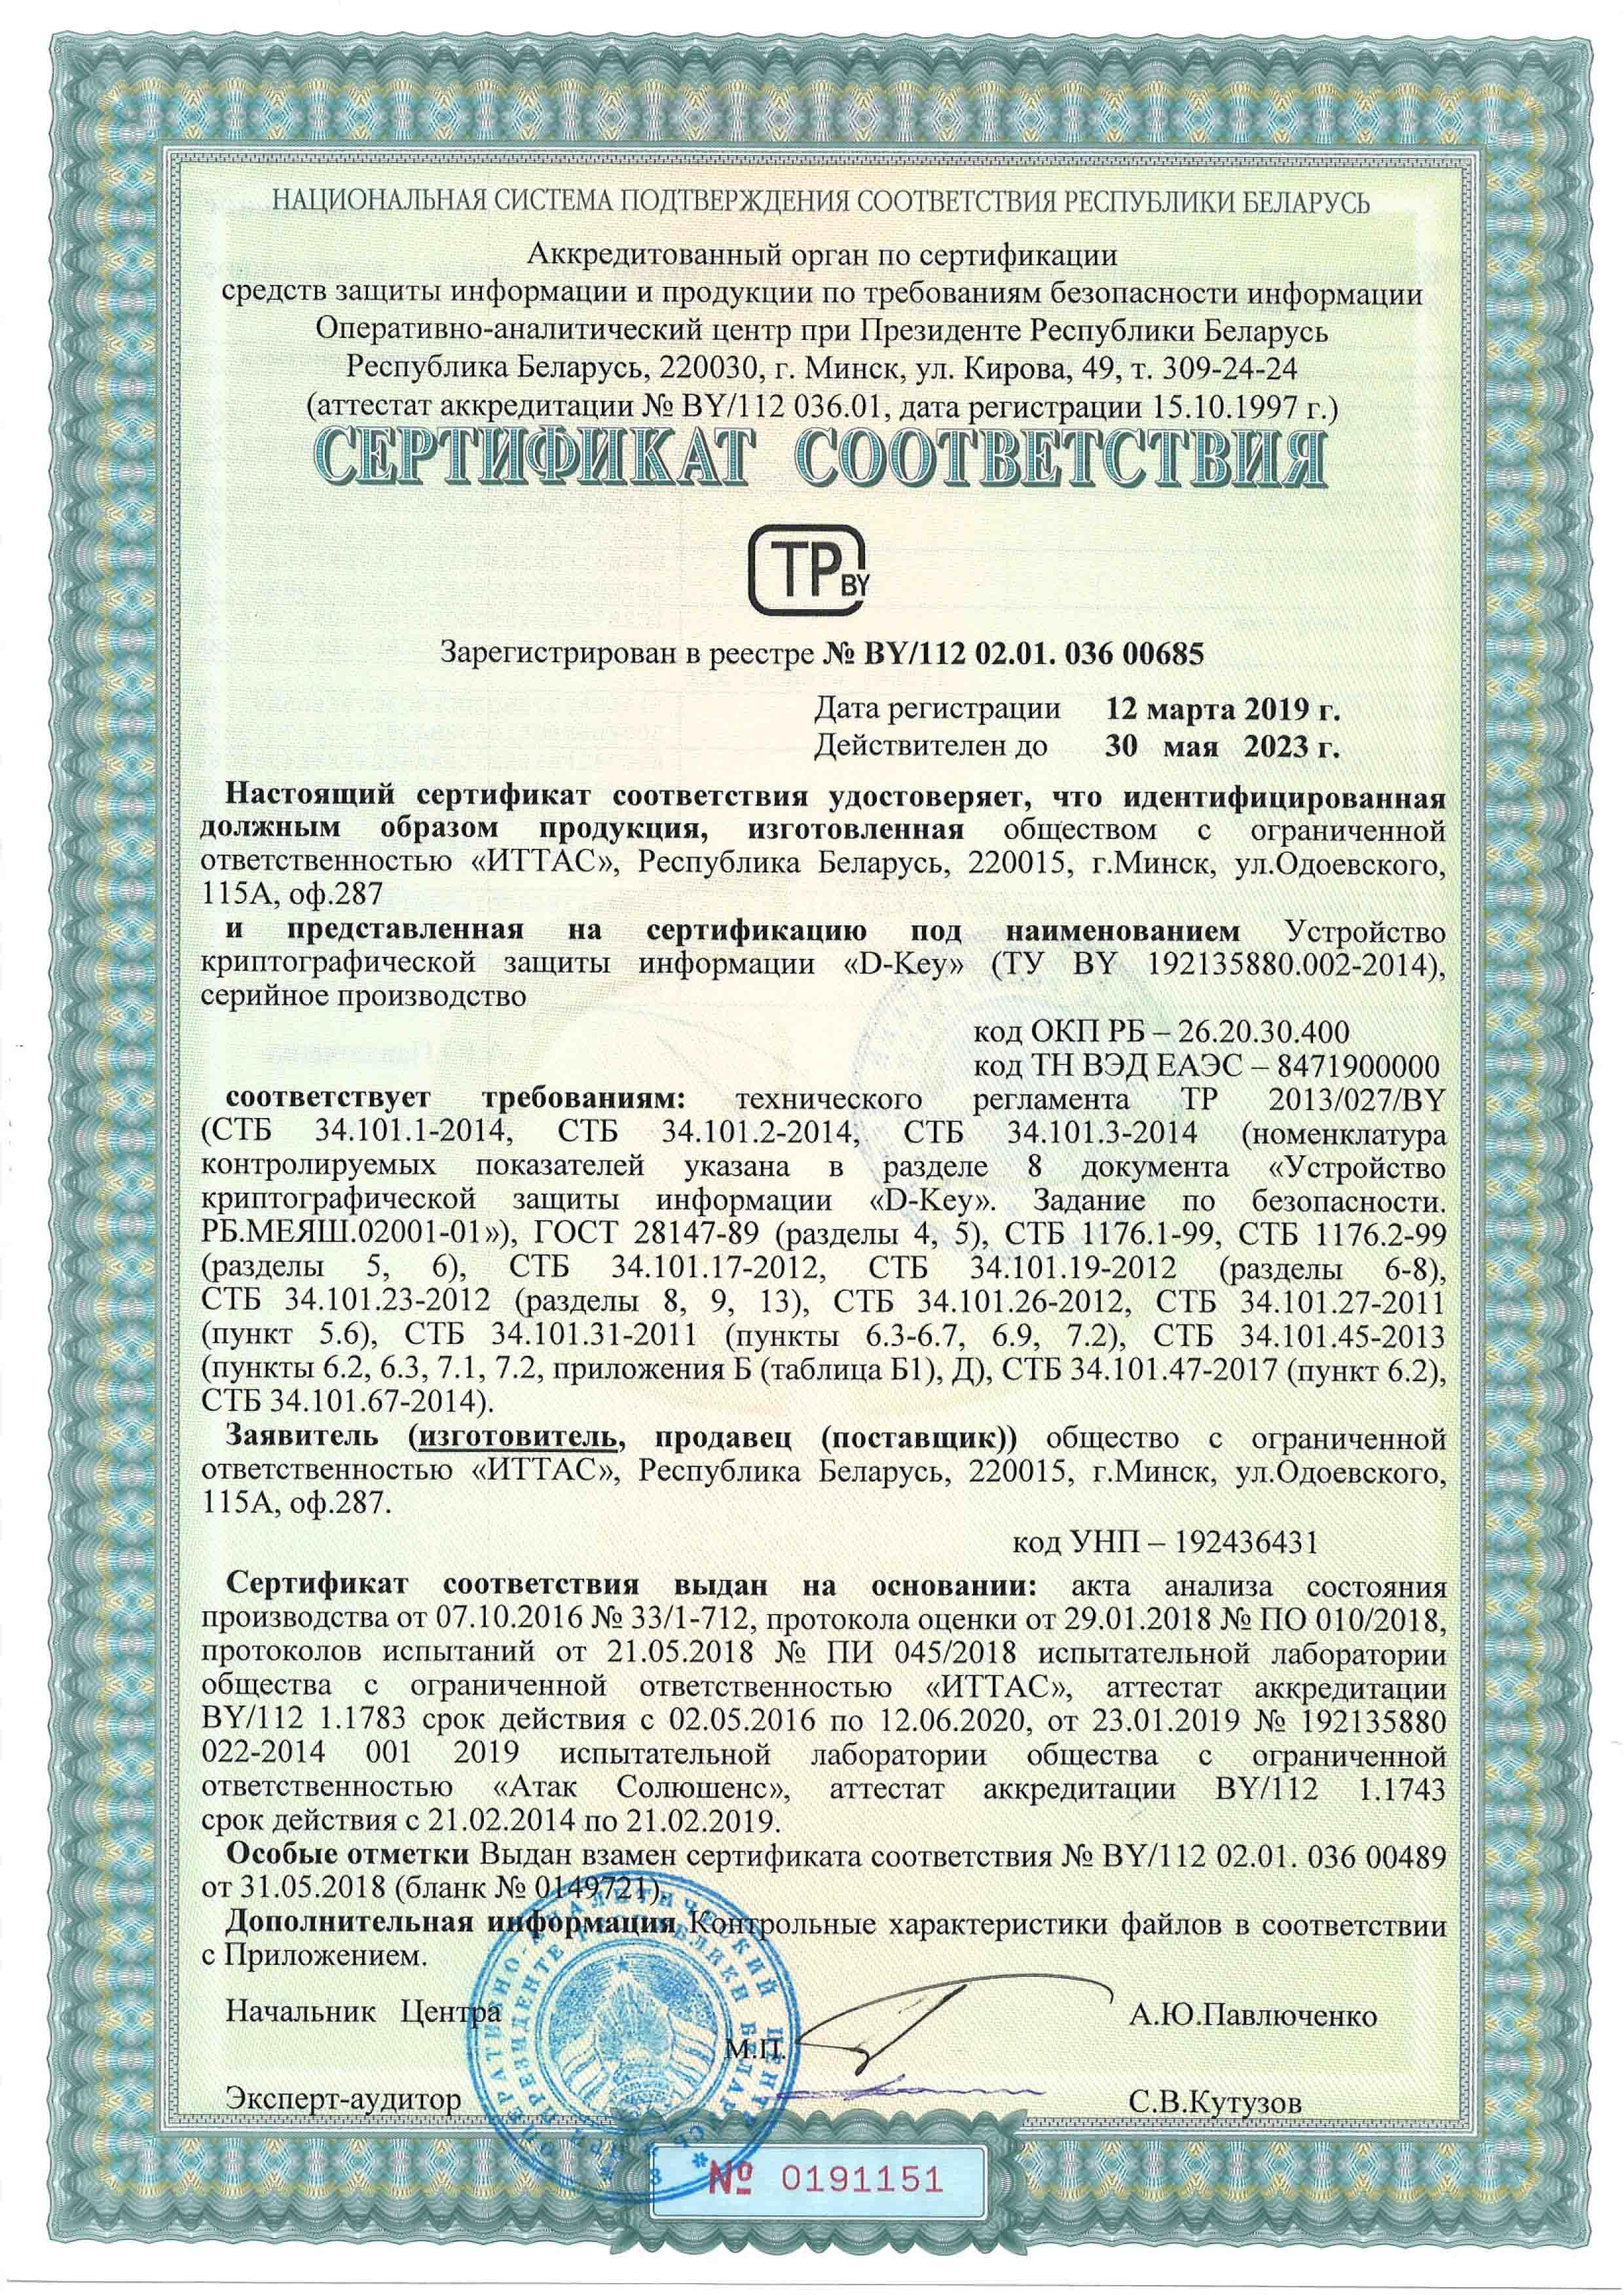 Сертификат соответствия D-Key